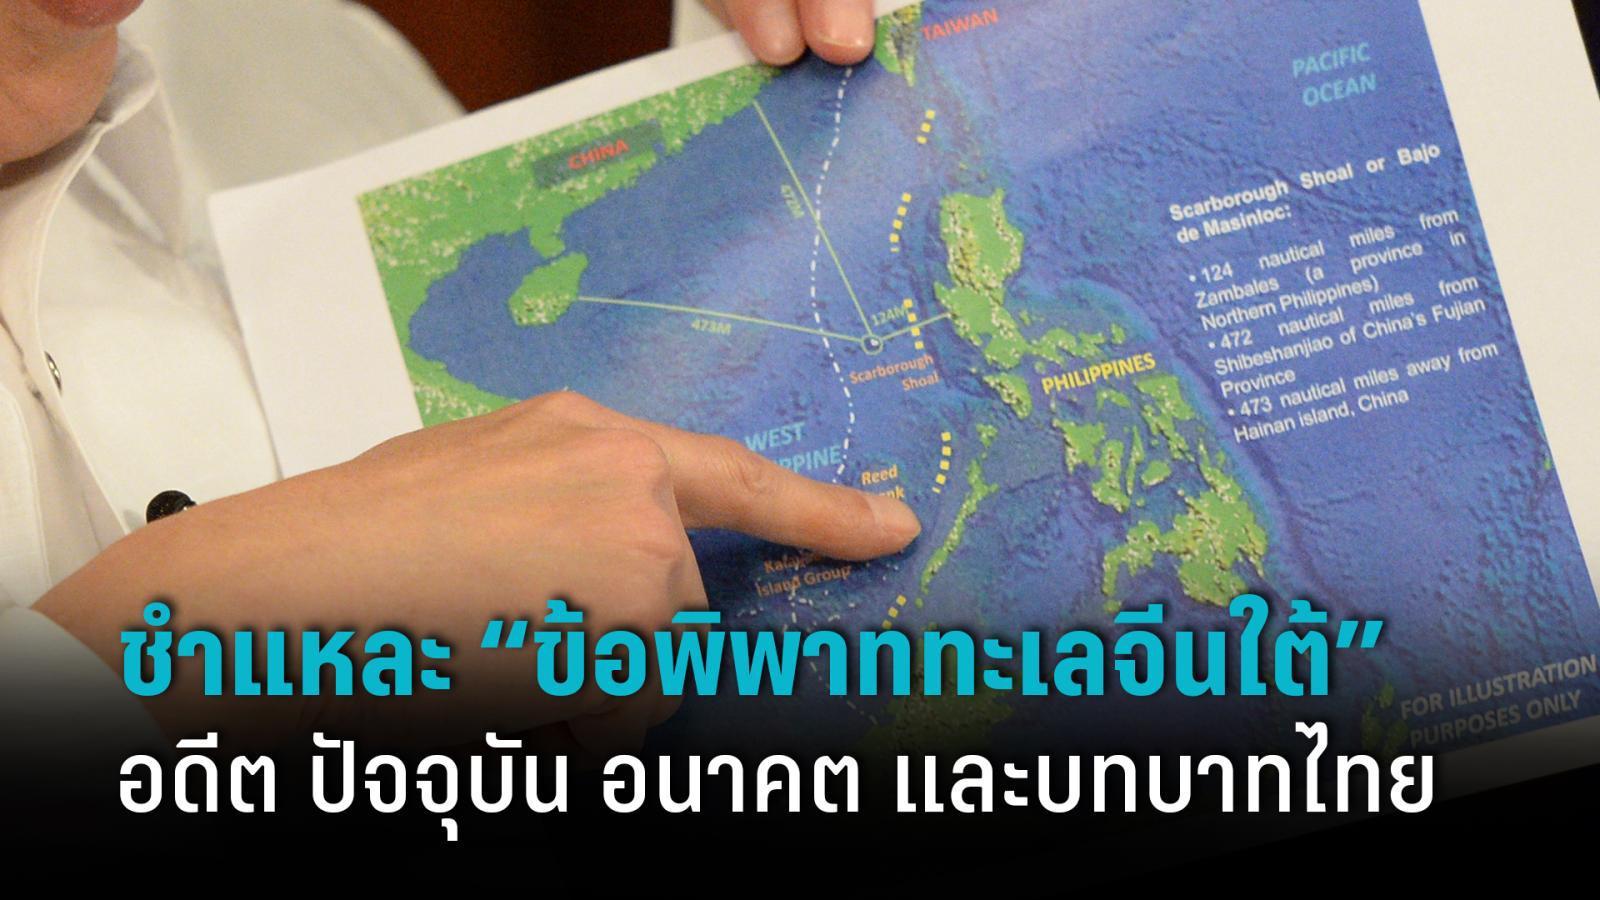 """ชำแหละอดีต ปัจจุบัน อนาคต """"ข้อพิพาททะเลจีนใต้"""" กับบทบาทของไทย"""